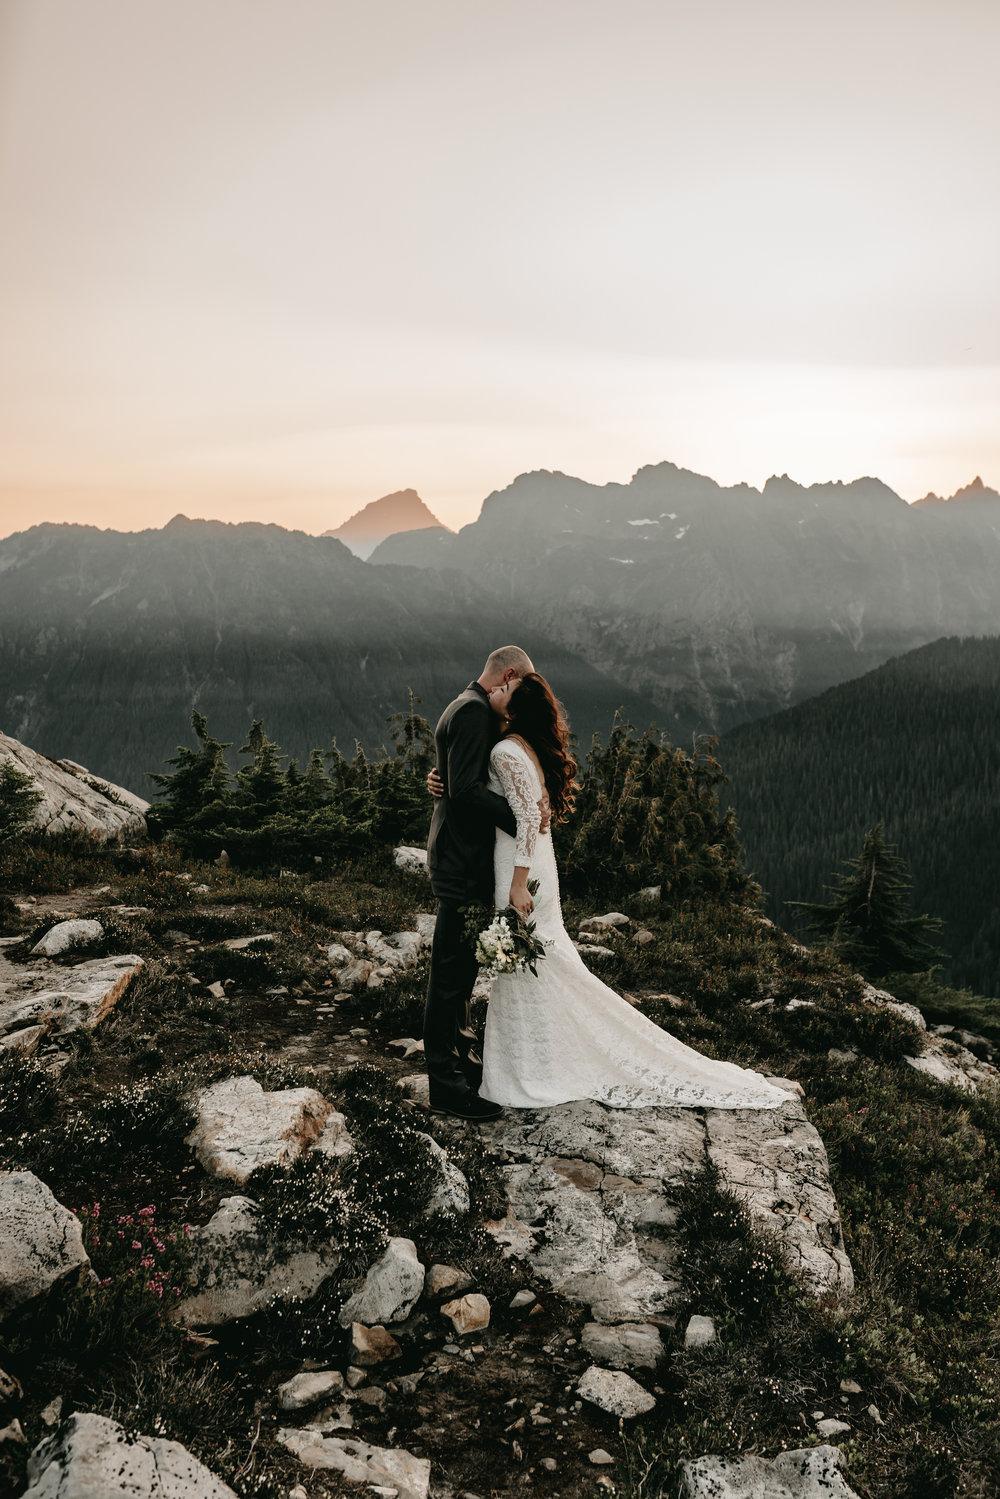 ADVENTURE WEDDINGS AND ELOPEMENTS BY MARIE VANDERPOOL